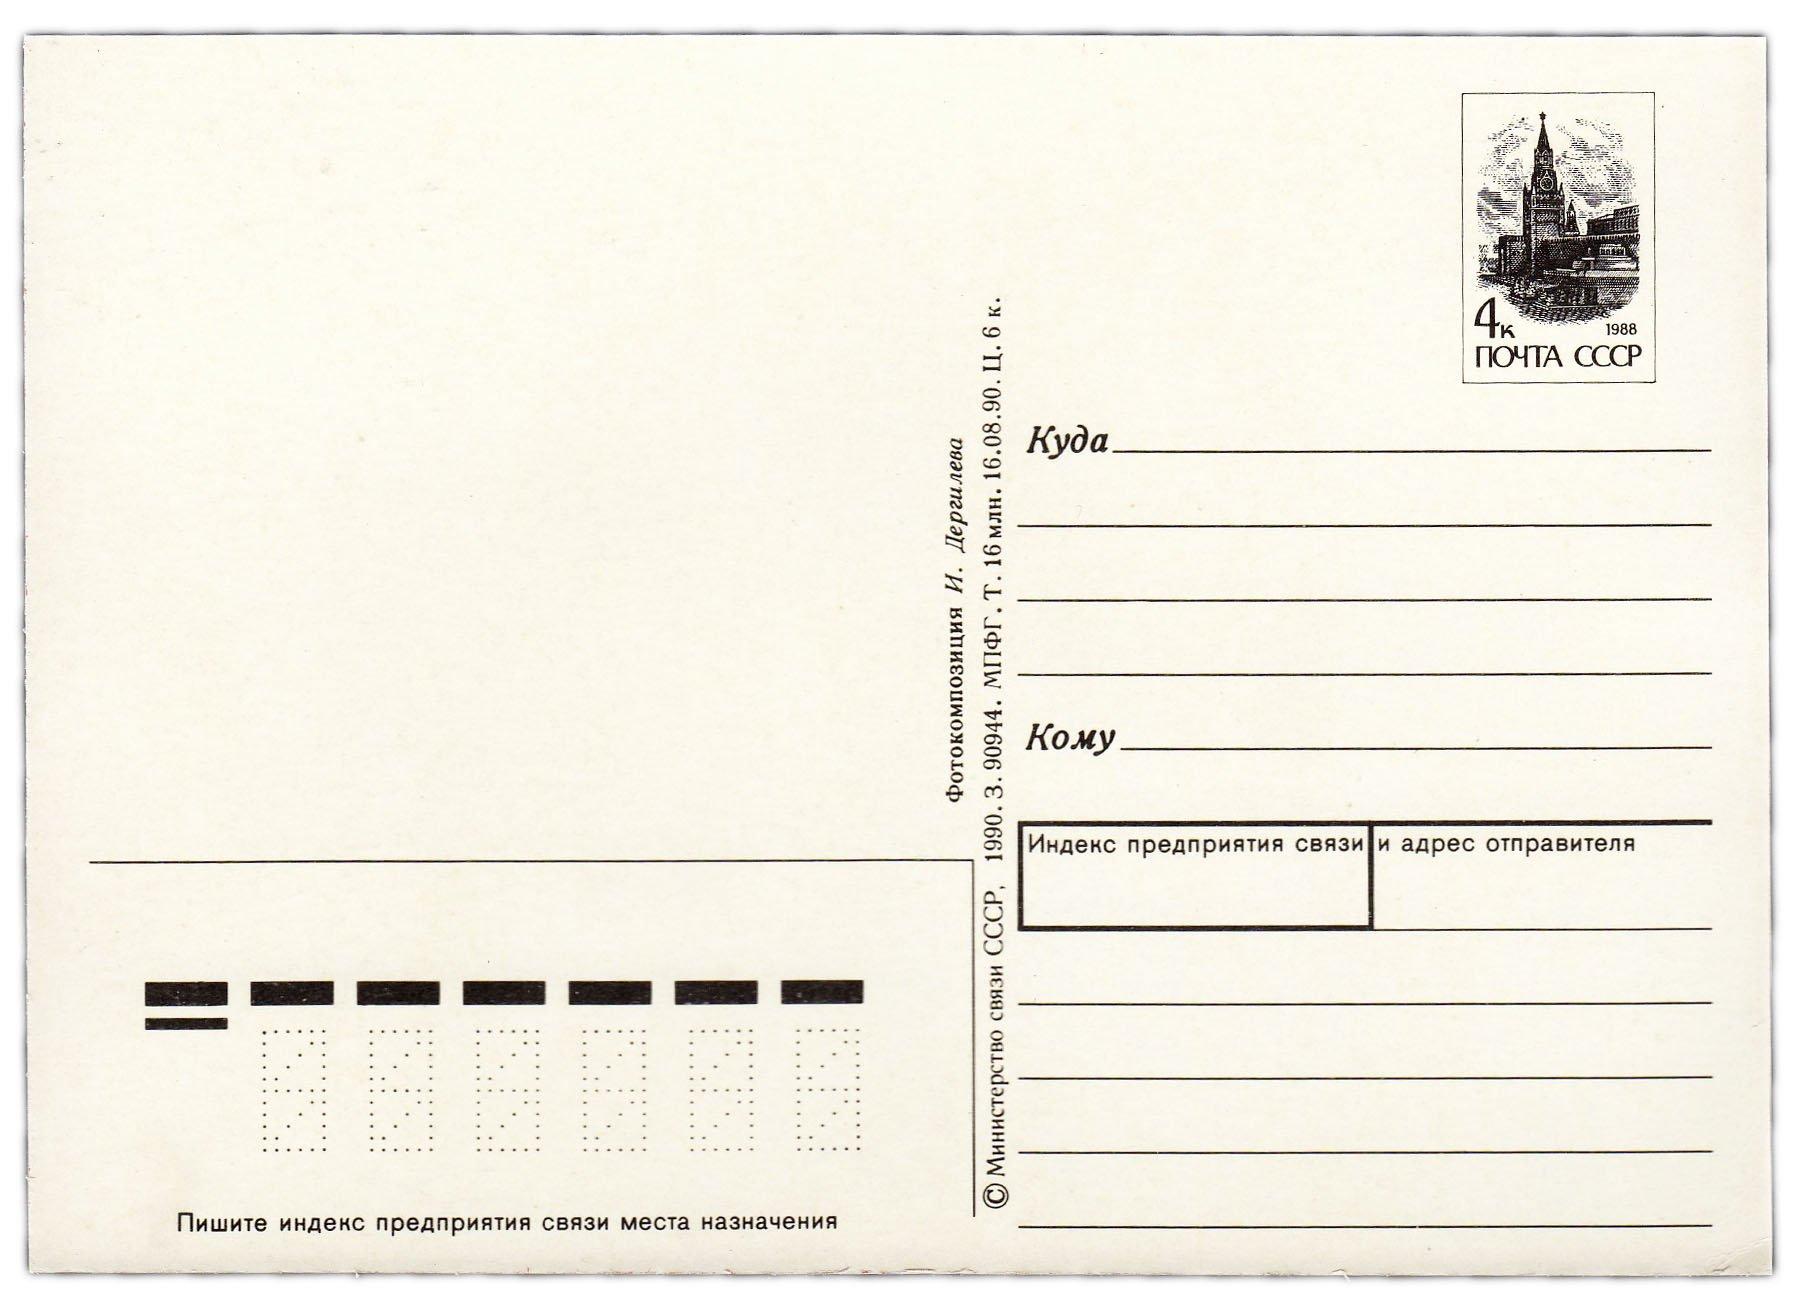 помимо почтовых открыток отдел